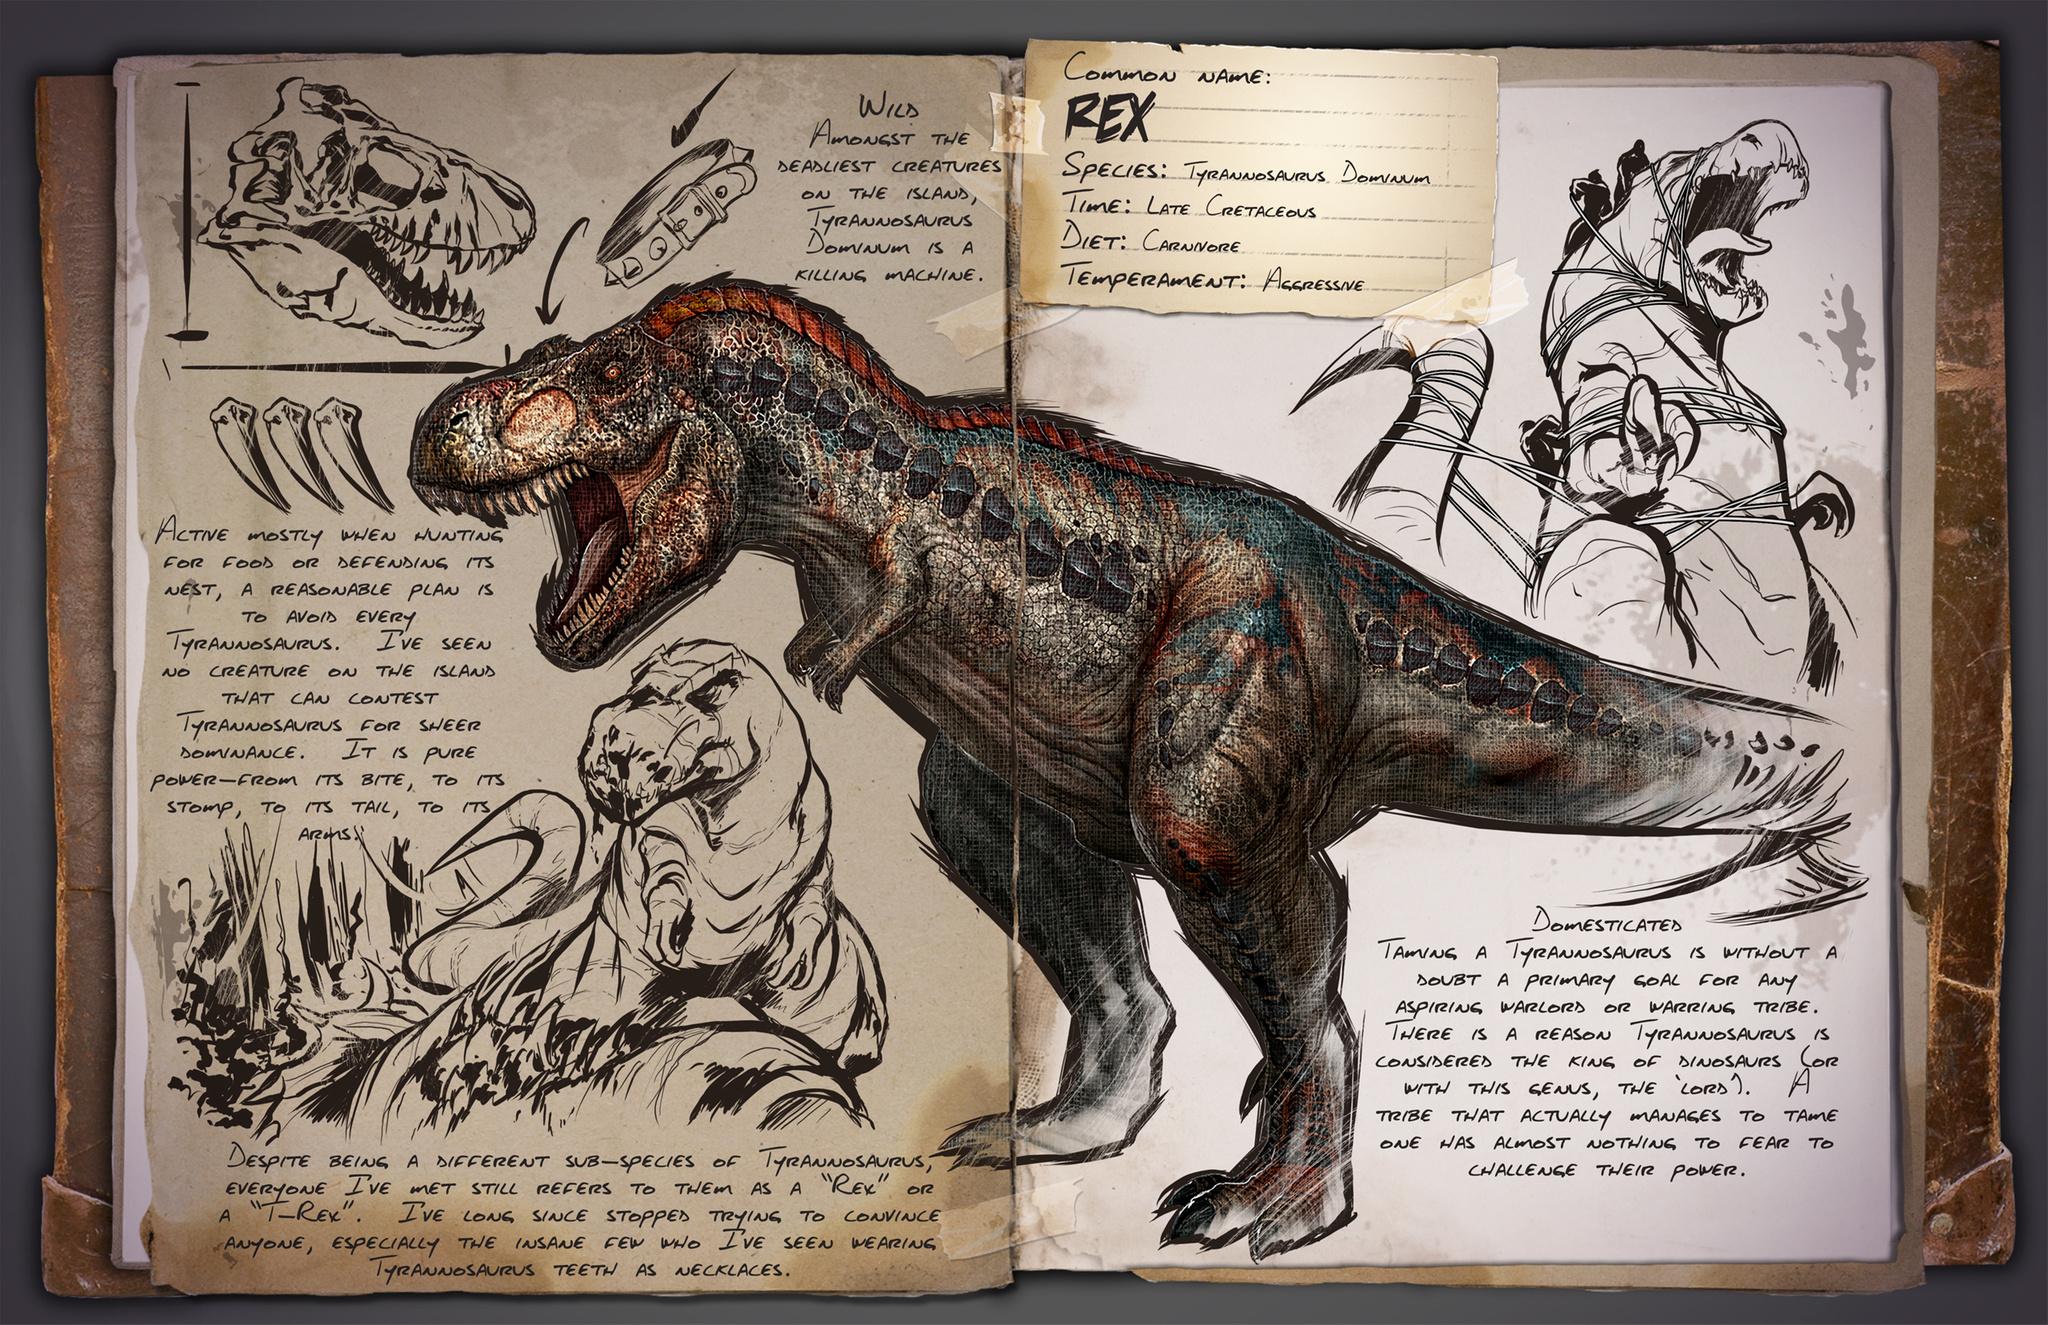 домика картинки досье динозавров из арк фотографии есть настолько